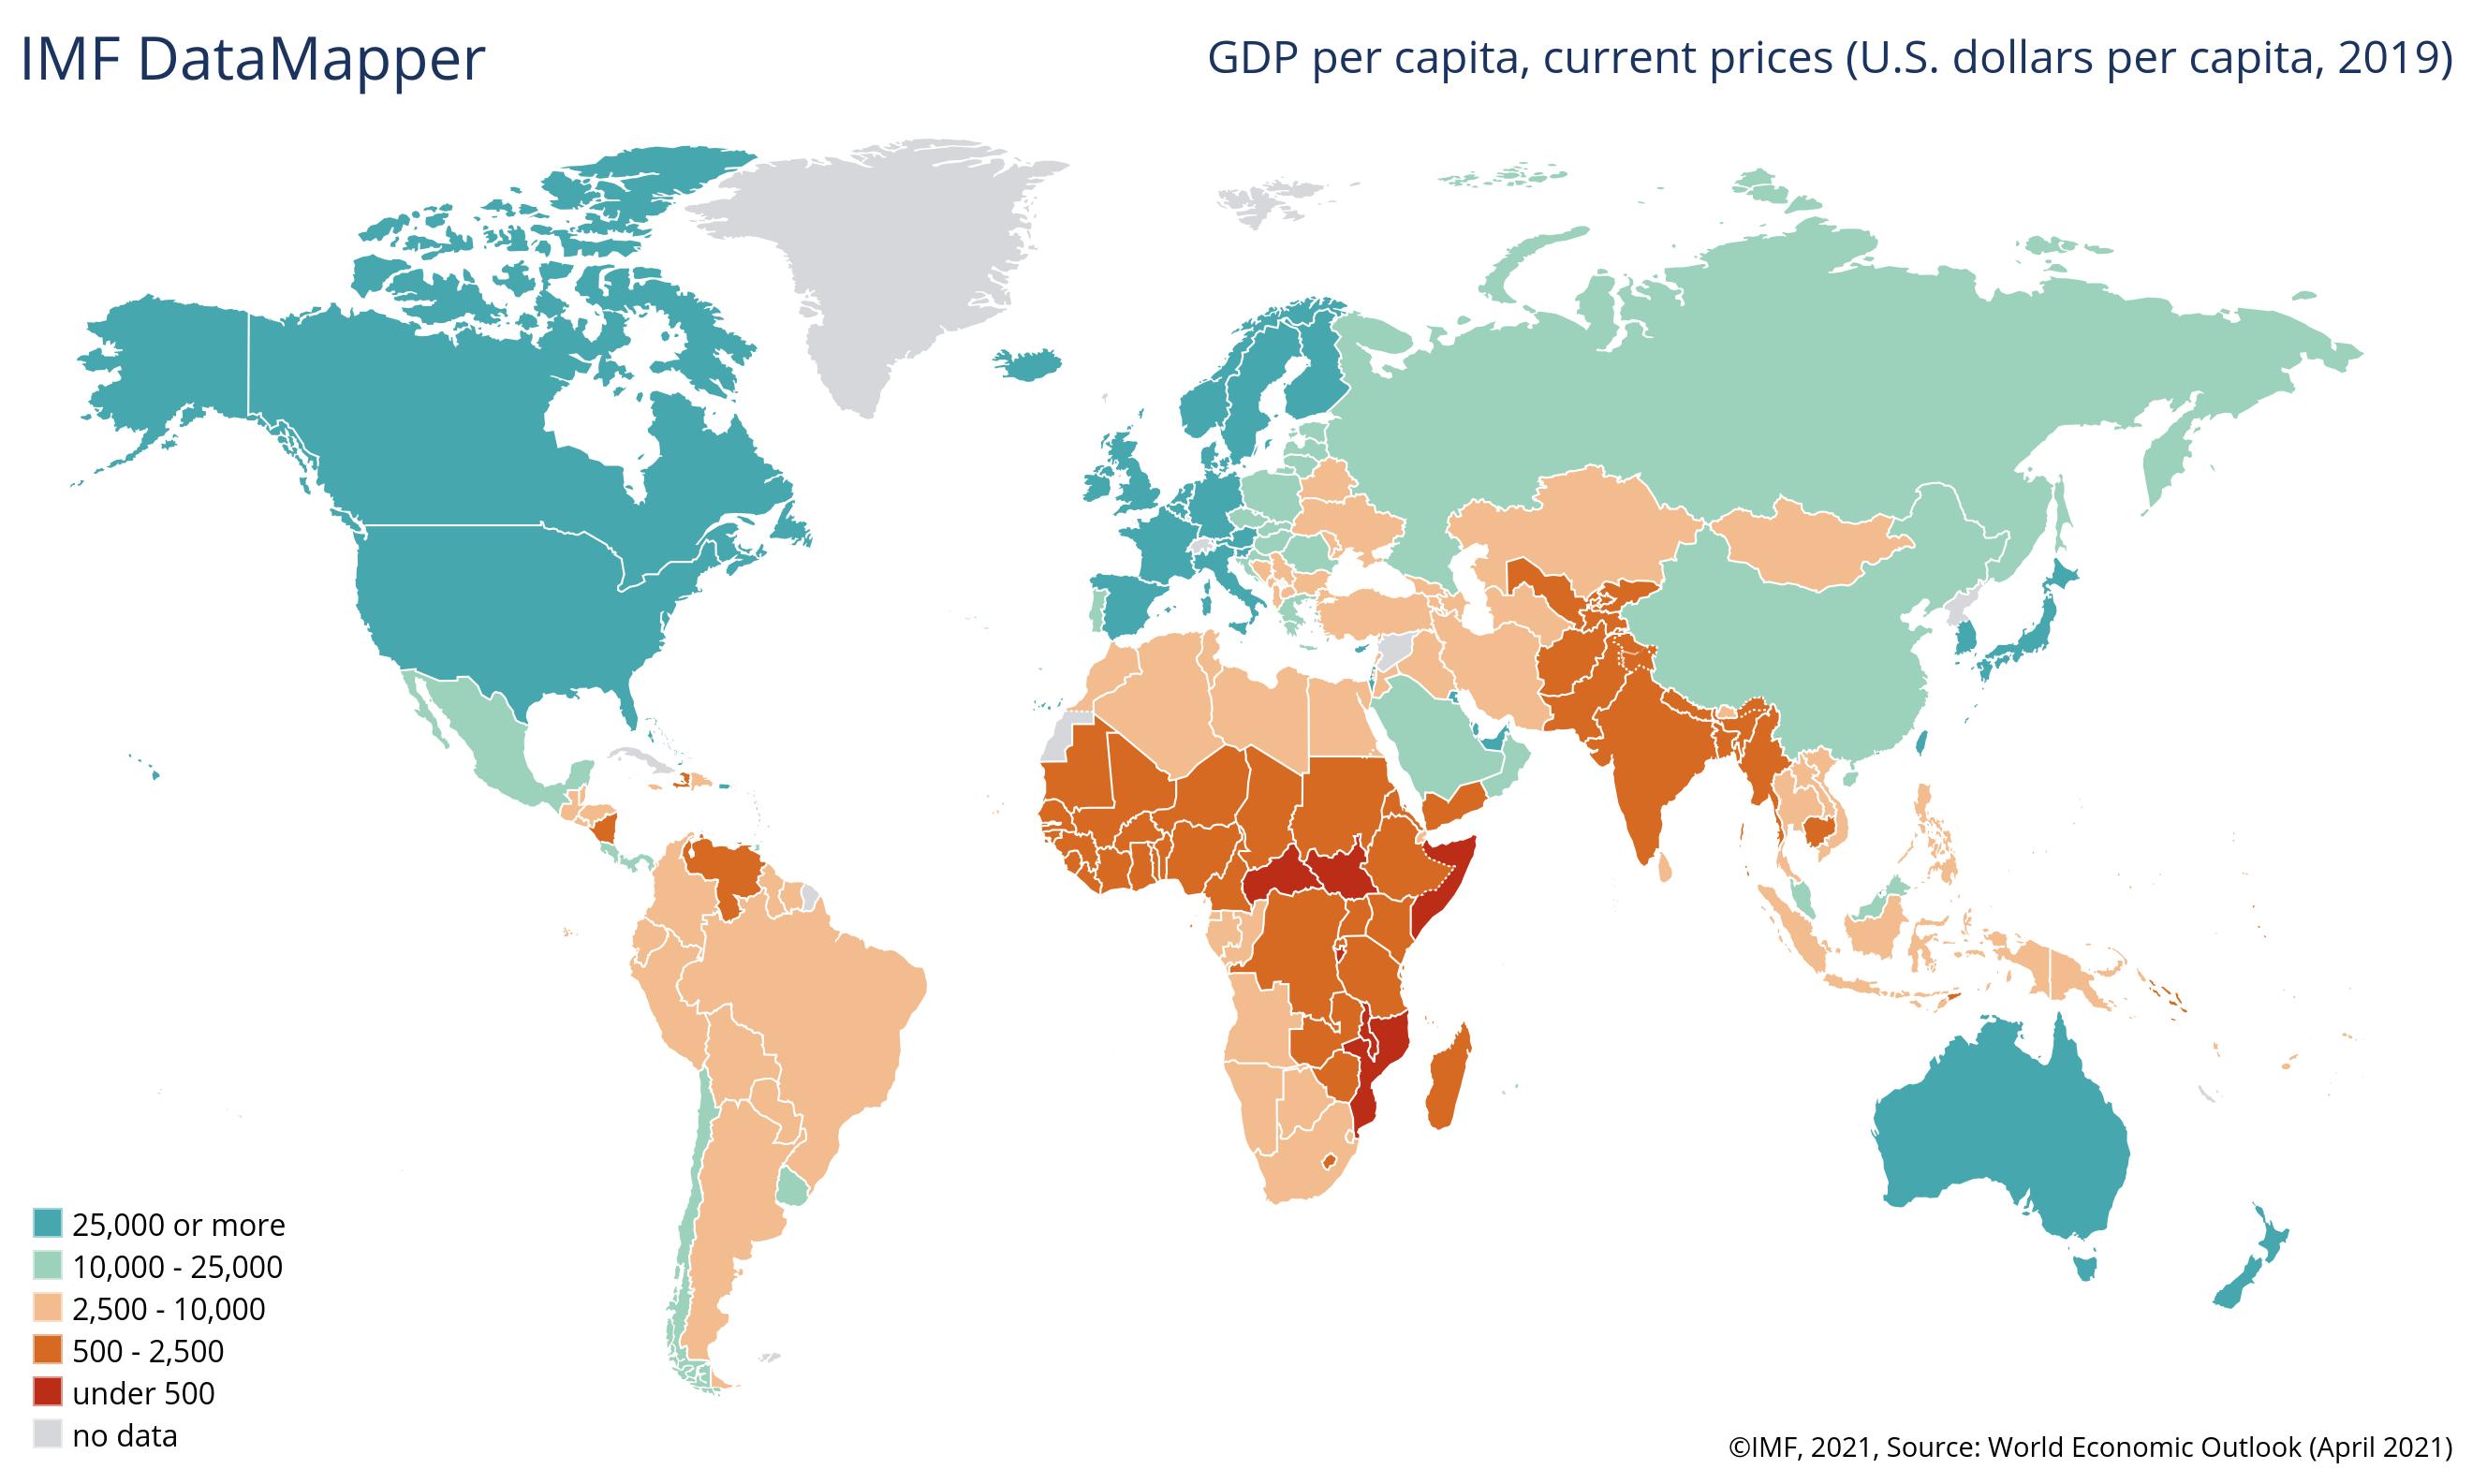 Pro-Kopf-BIP einzelner Länder im Jahr 2019